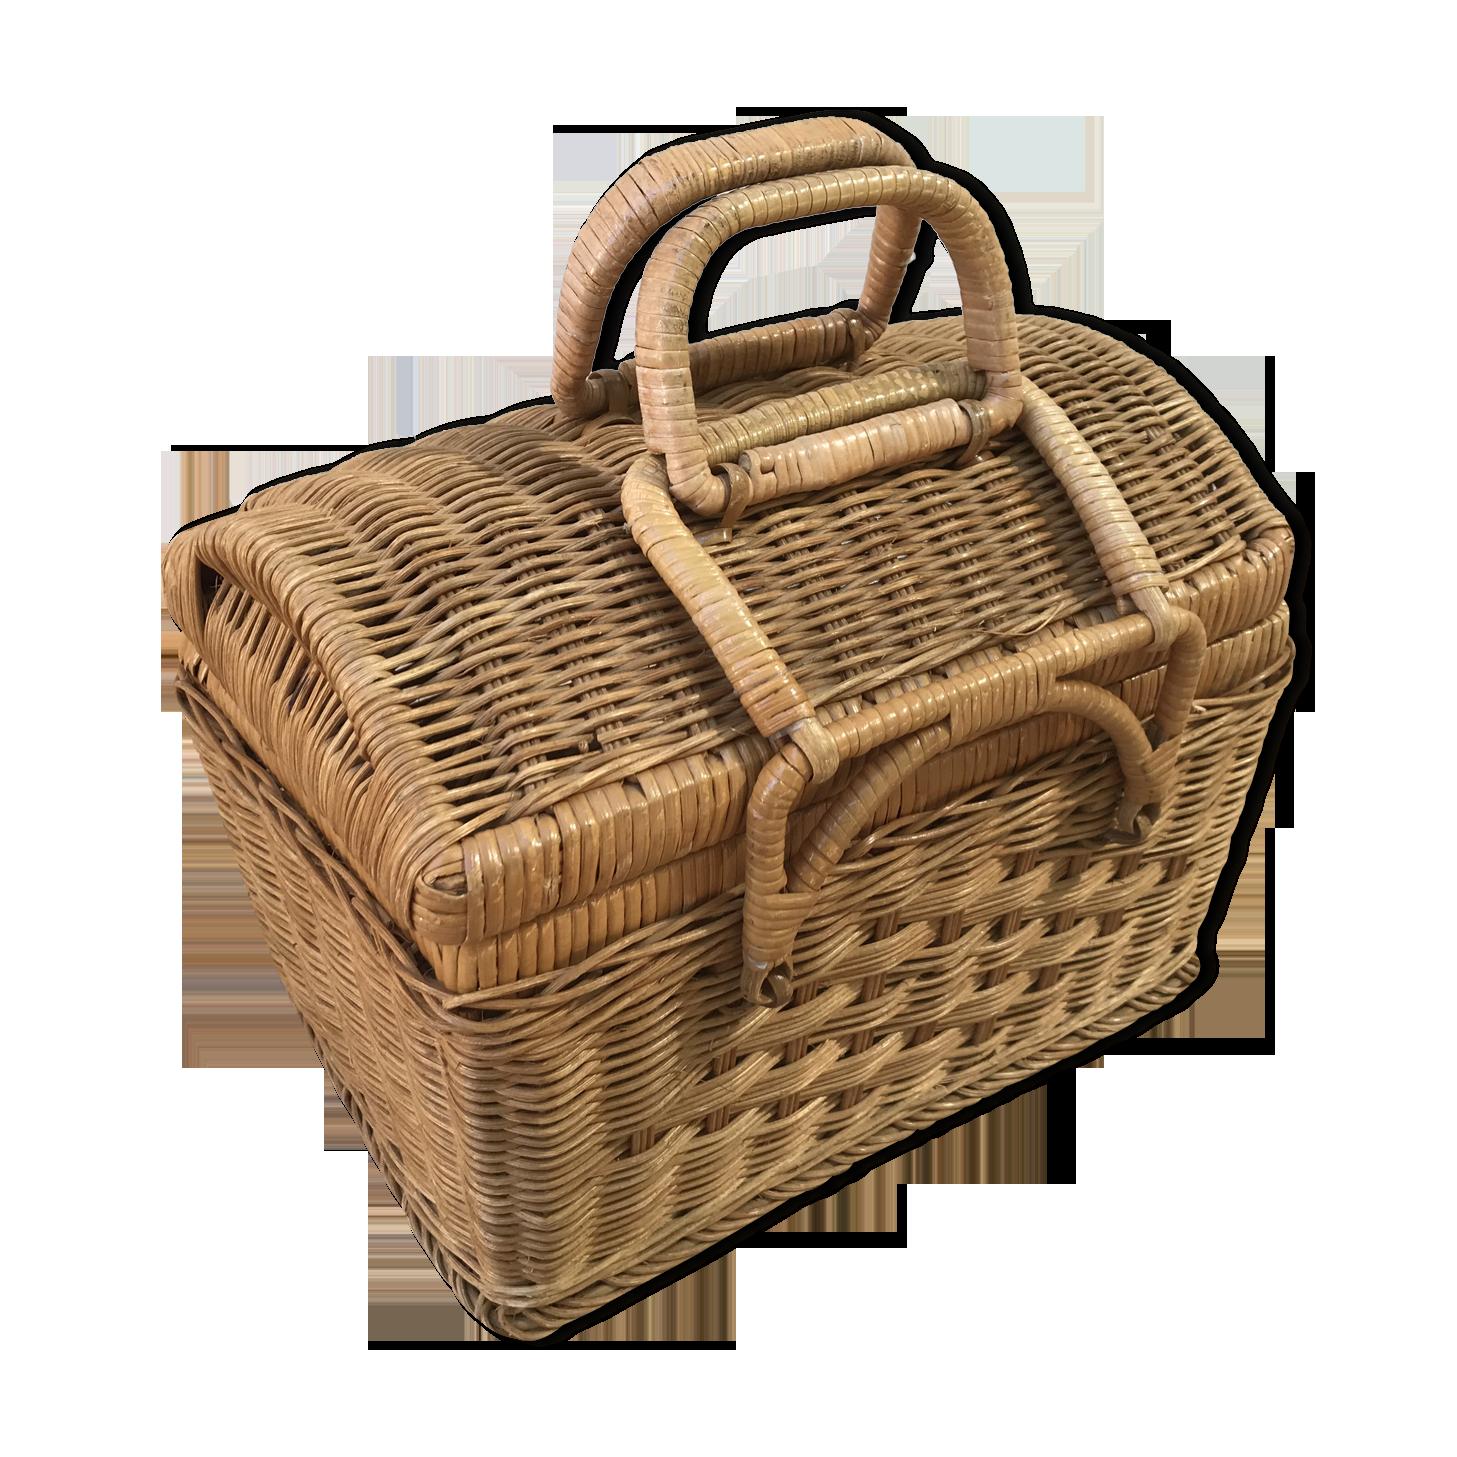 Peindre Un Panier En Osier design du xxe siècle panier picnic ancien rotin osier tressé